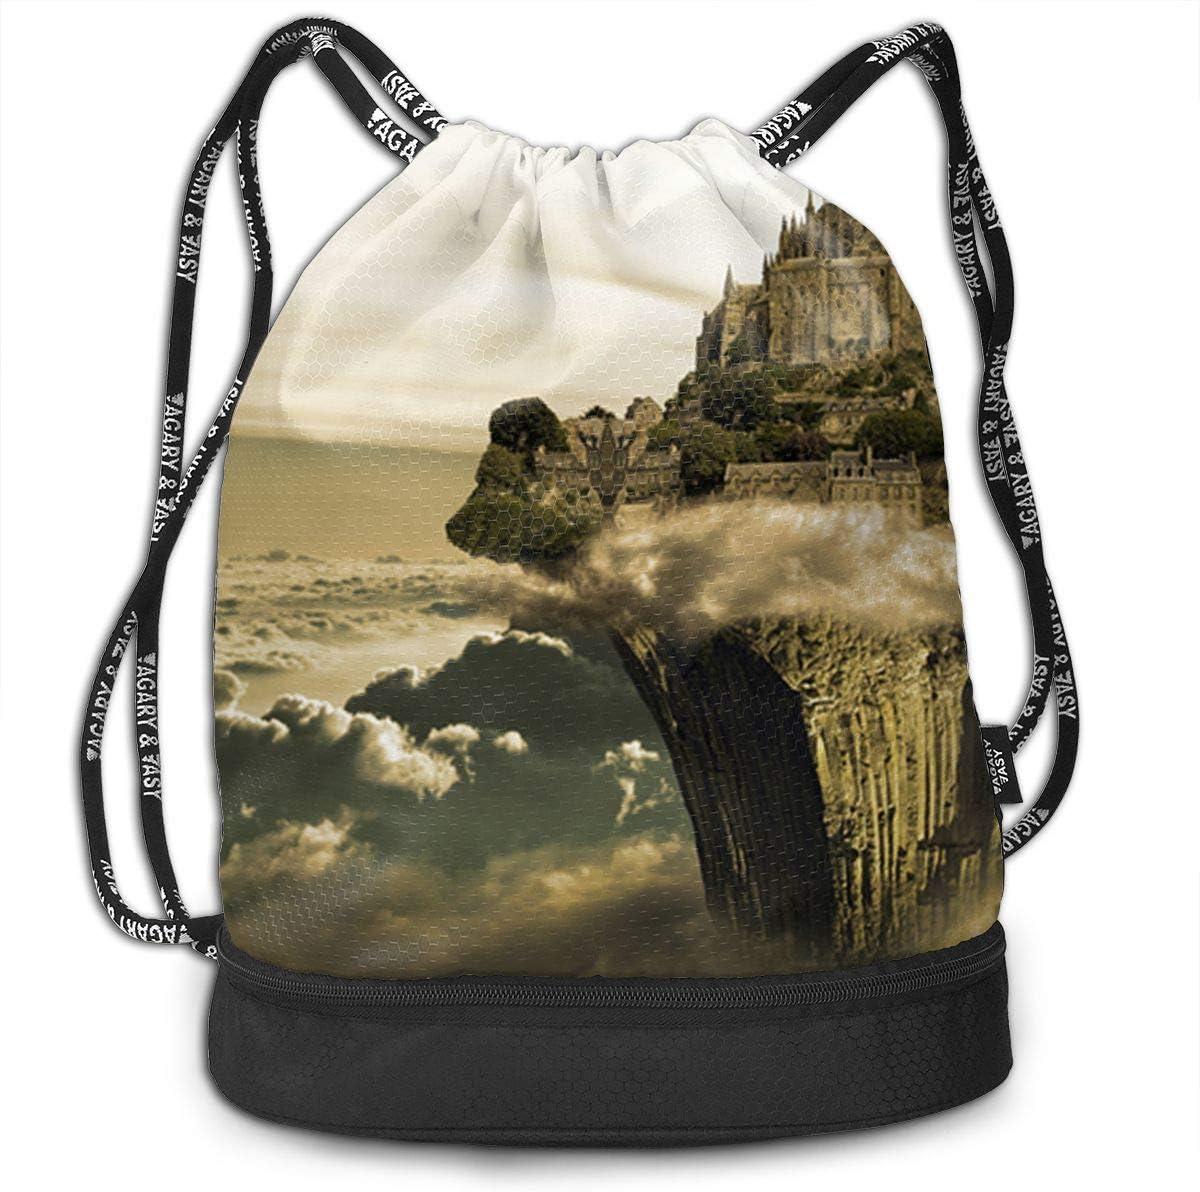 HUOPR5Q Camouflage Drawstring Backpack Sport Gym Sack Shoulder Bulk Bag Dance Bag for School Travel